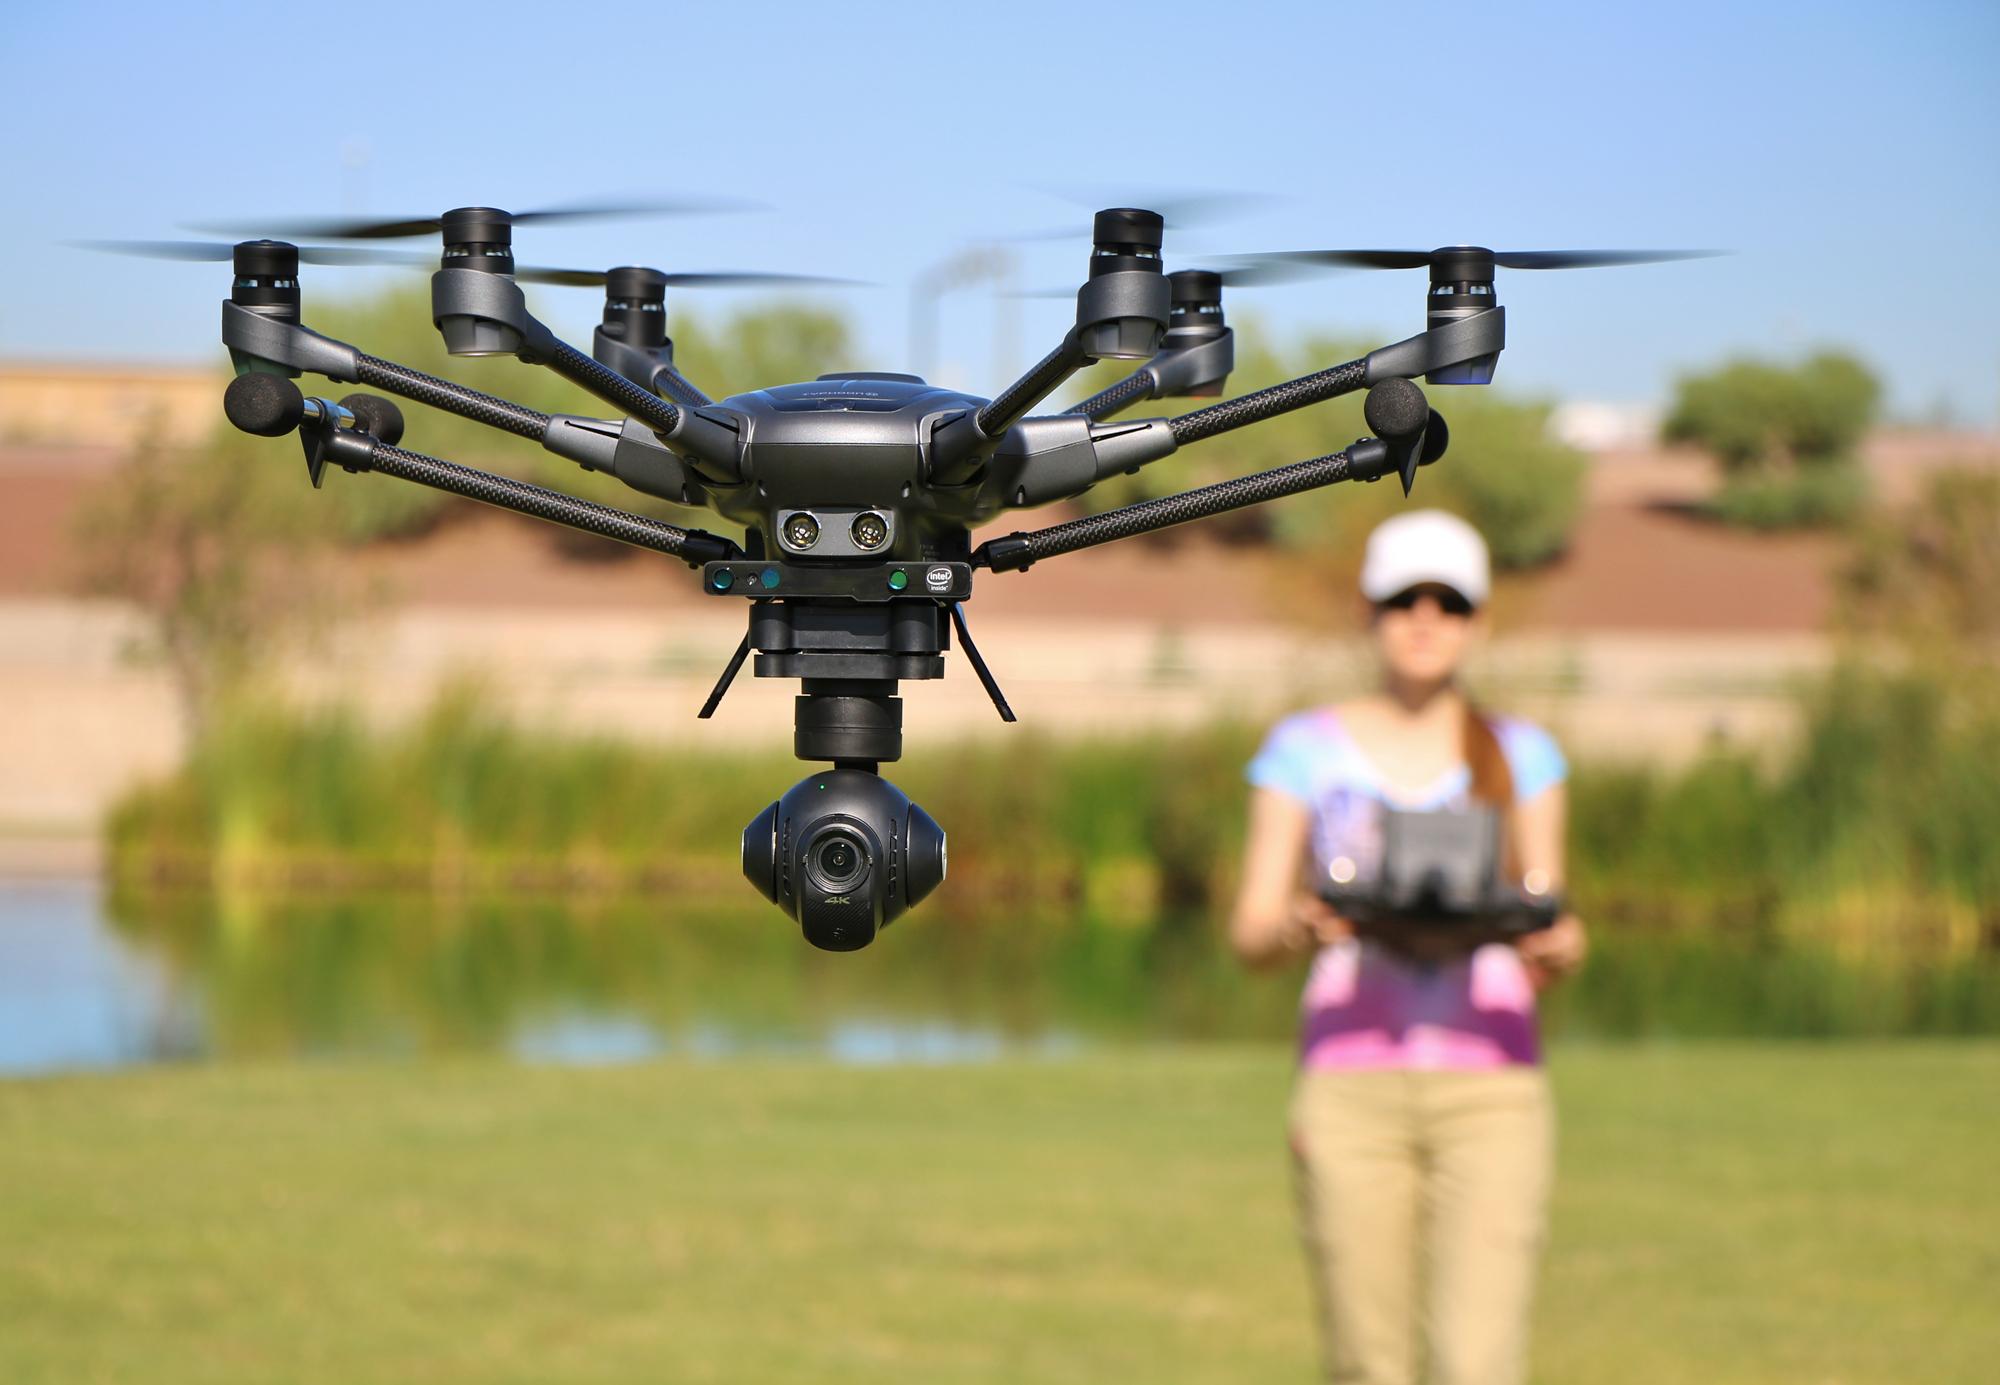 娱乐智能无人飞行器制造被纳入文化新业态